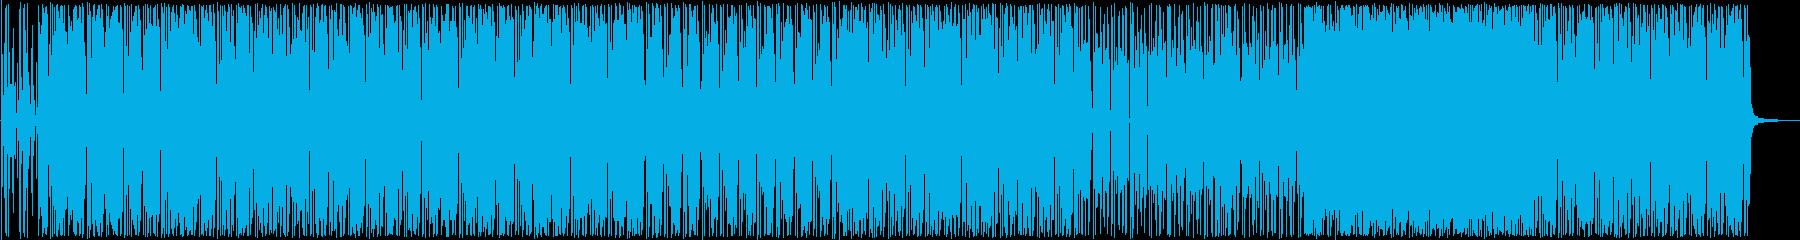 ファンキーなギター・ドラムサウンドの再生済みの波形